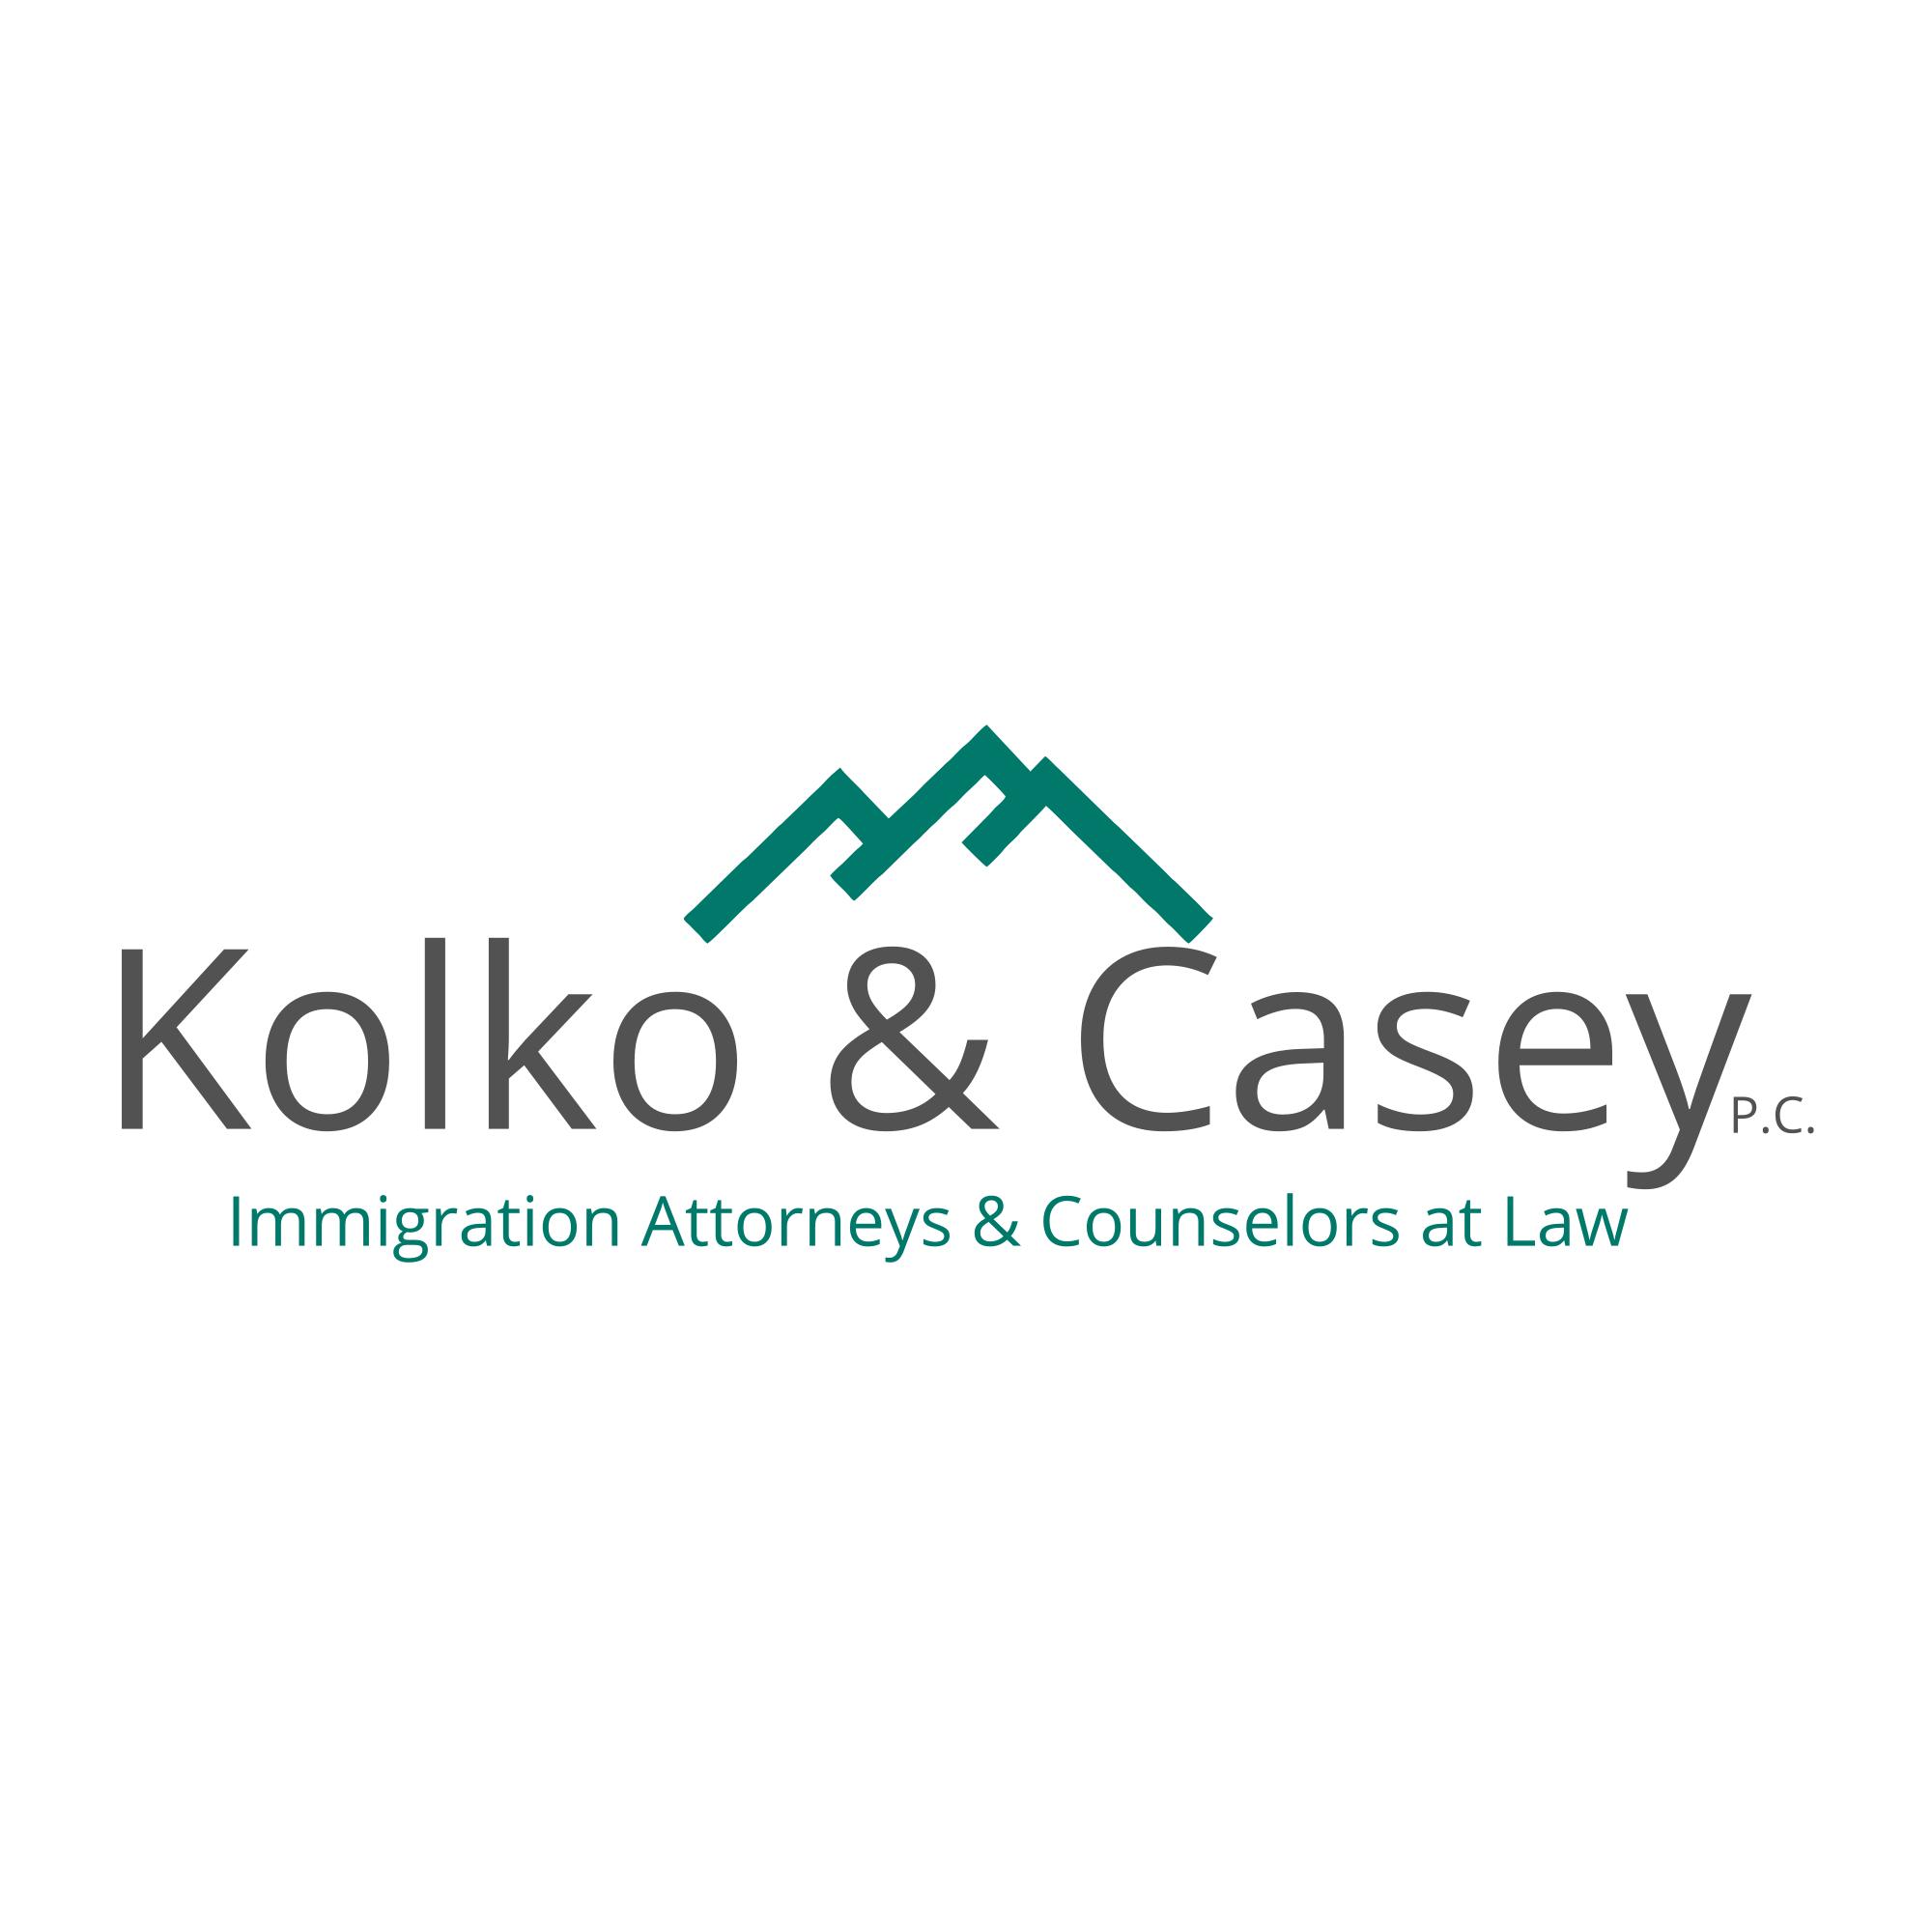 Kolko & Casey, P.C.